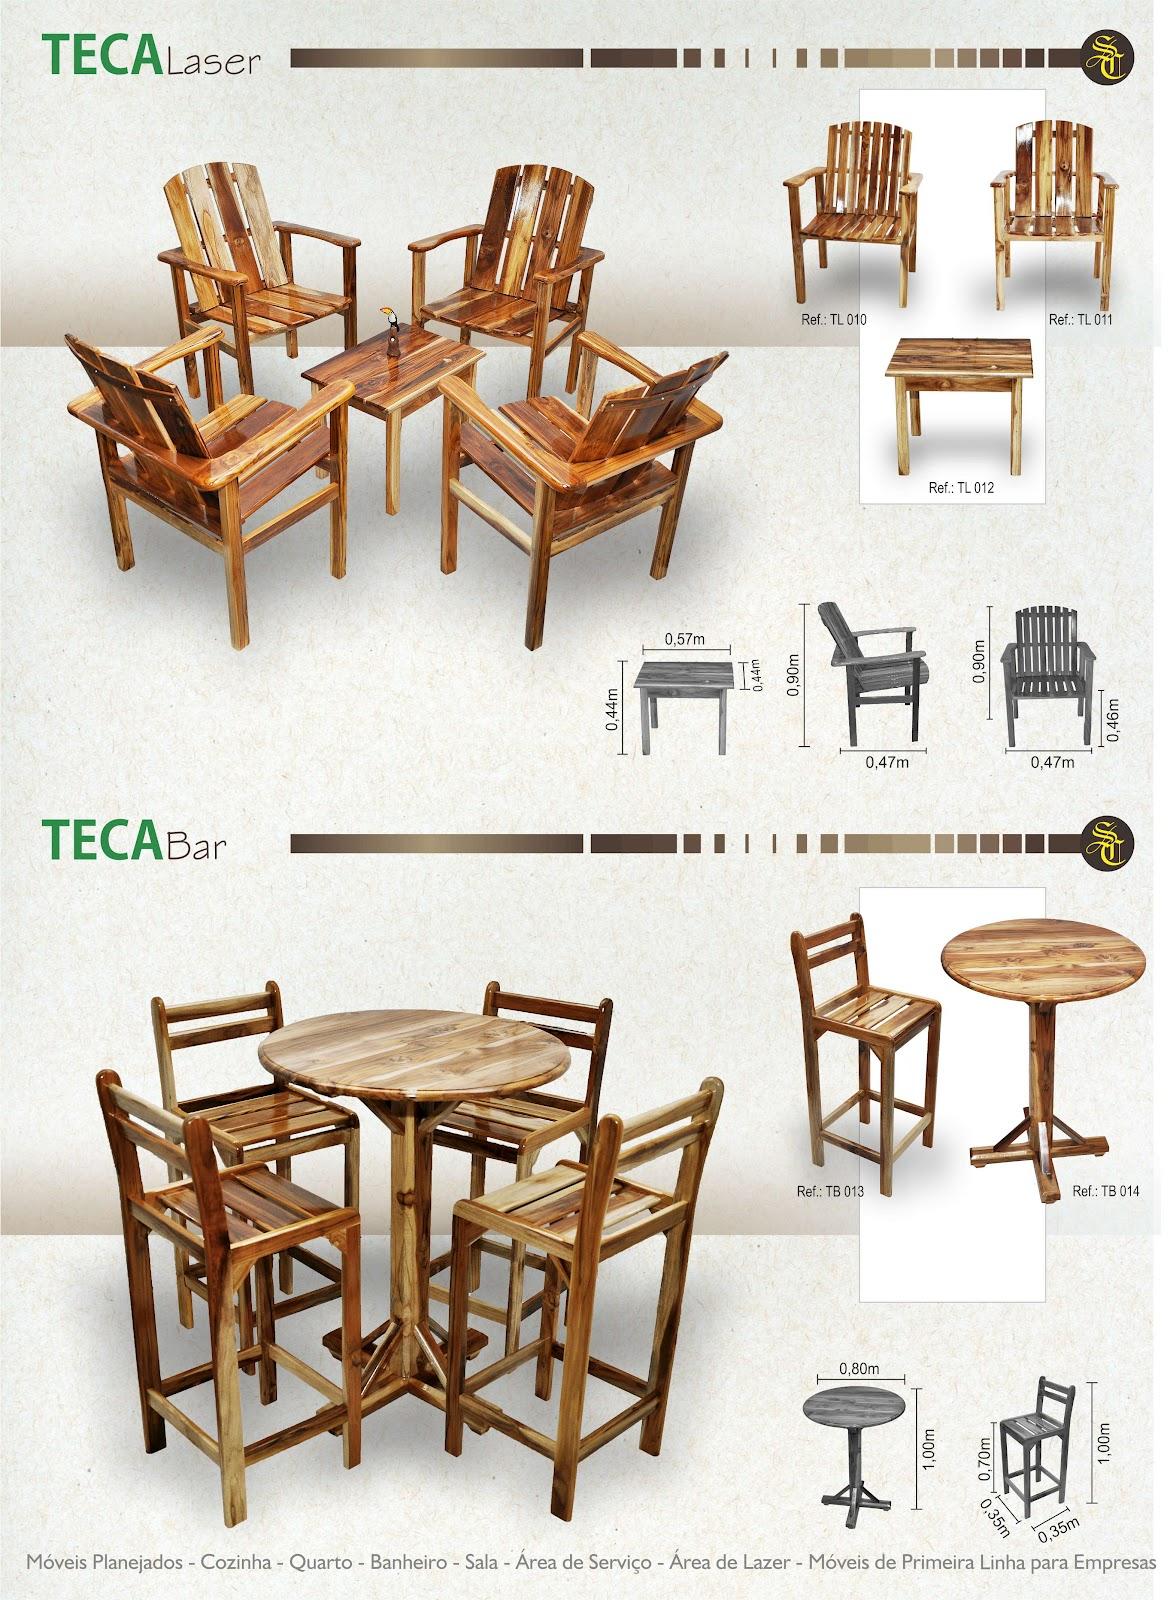 Fábrica de Móveis São Carlos: Móveis em madeira de reflorestamento  #714020 1170x1600